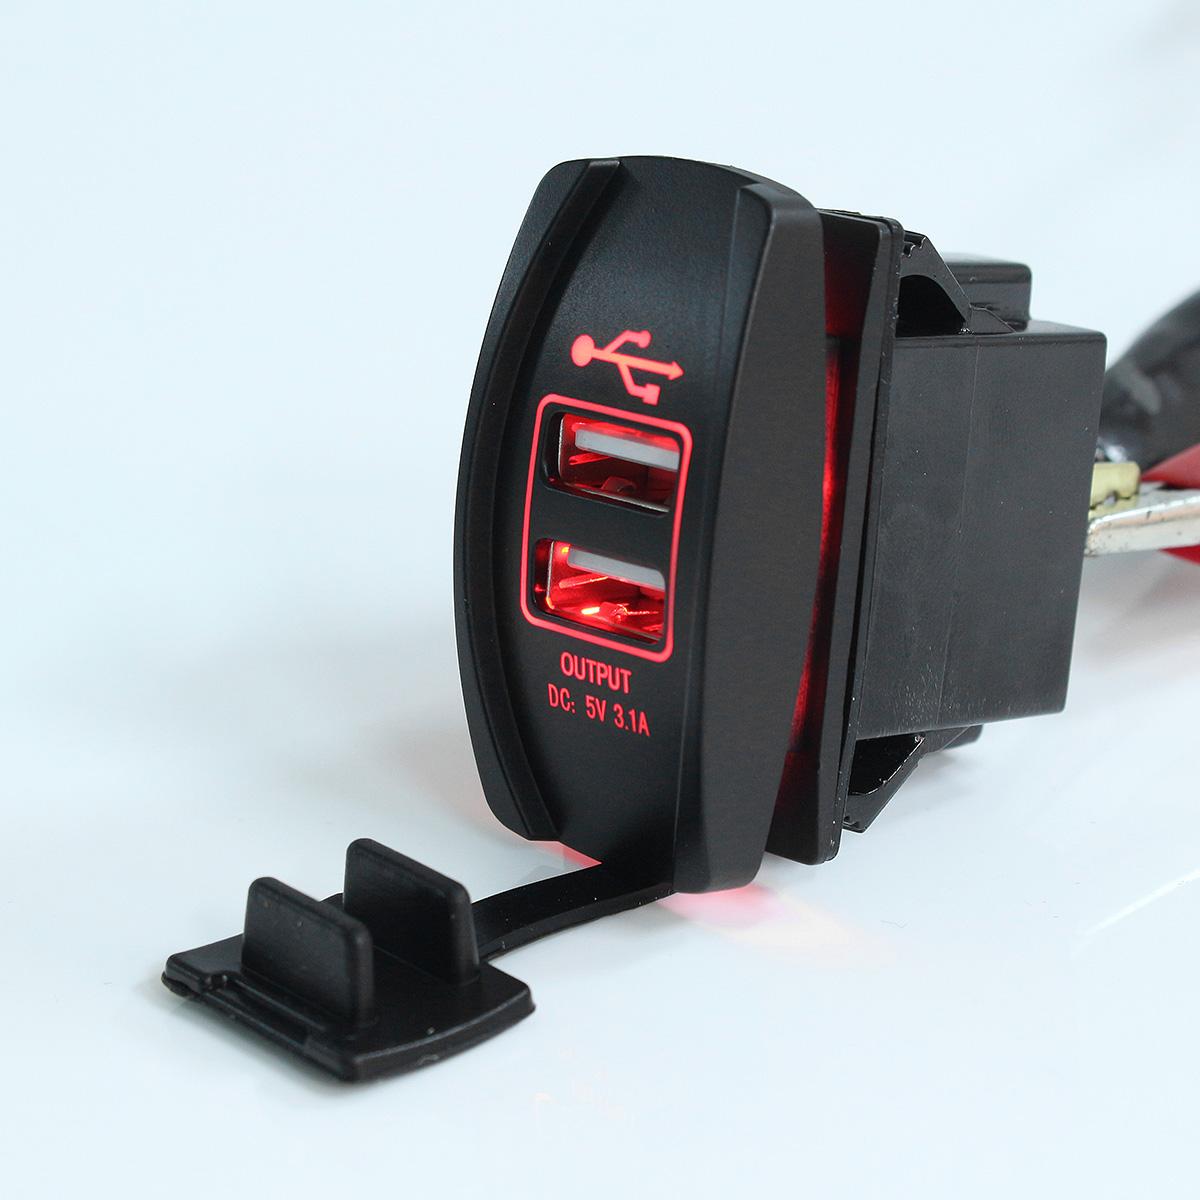 12V 24V Red LED Dual USB Charger Backlit UTV Rocker Switch For Motorcycle Car Truck Boat